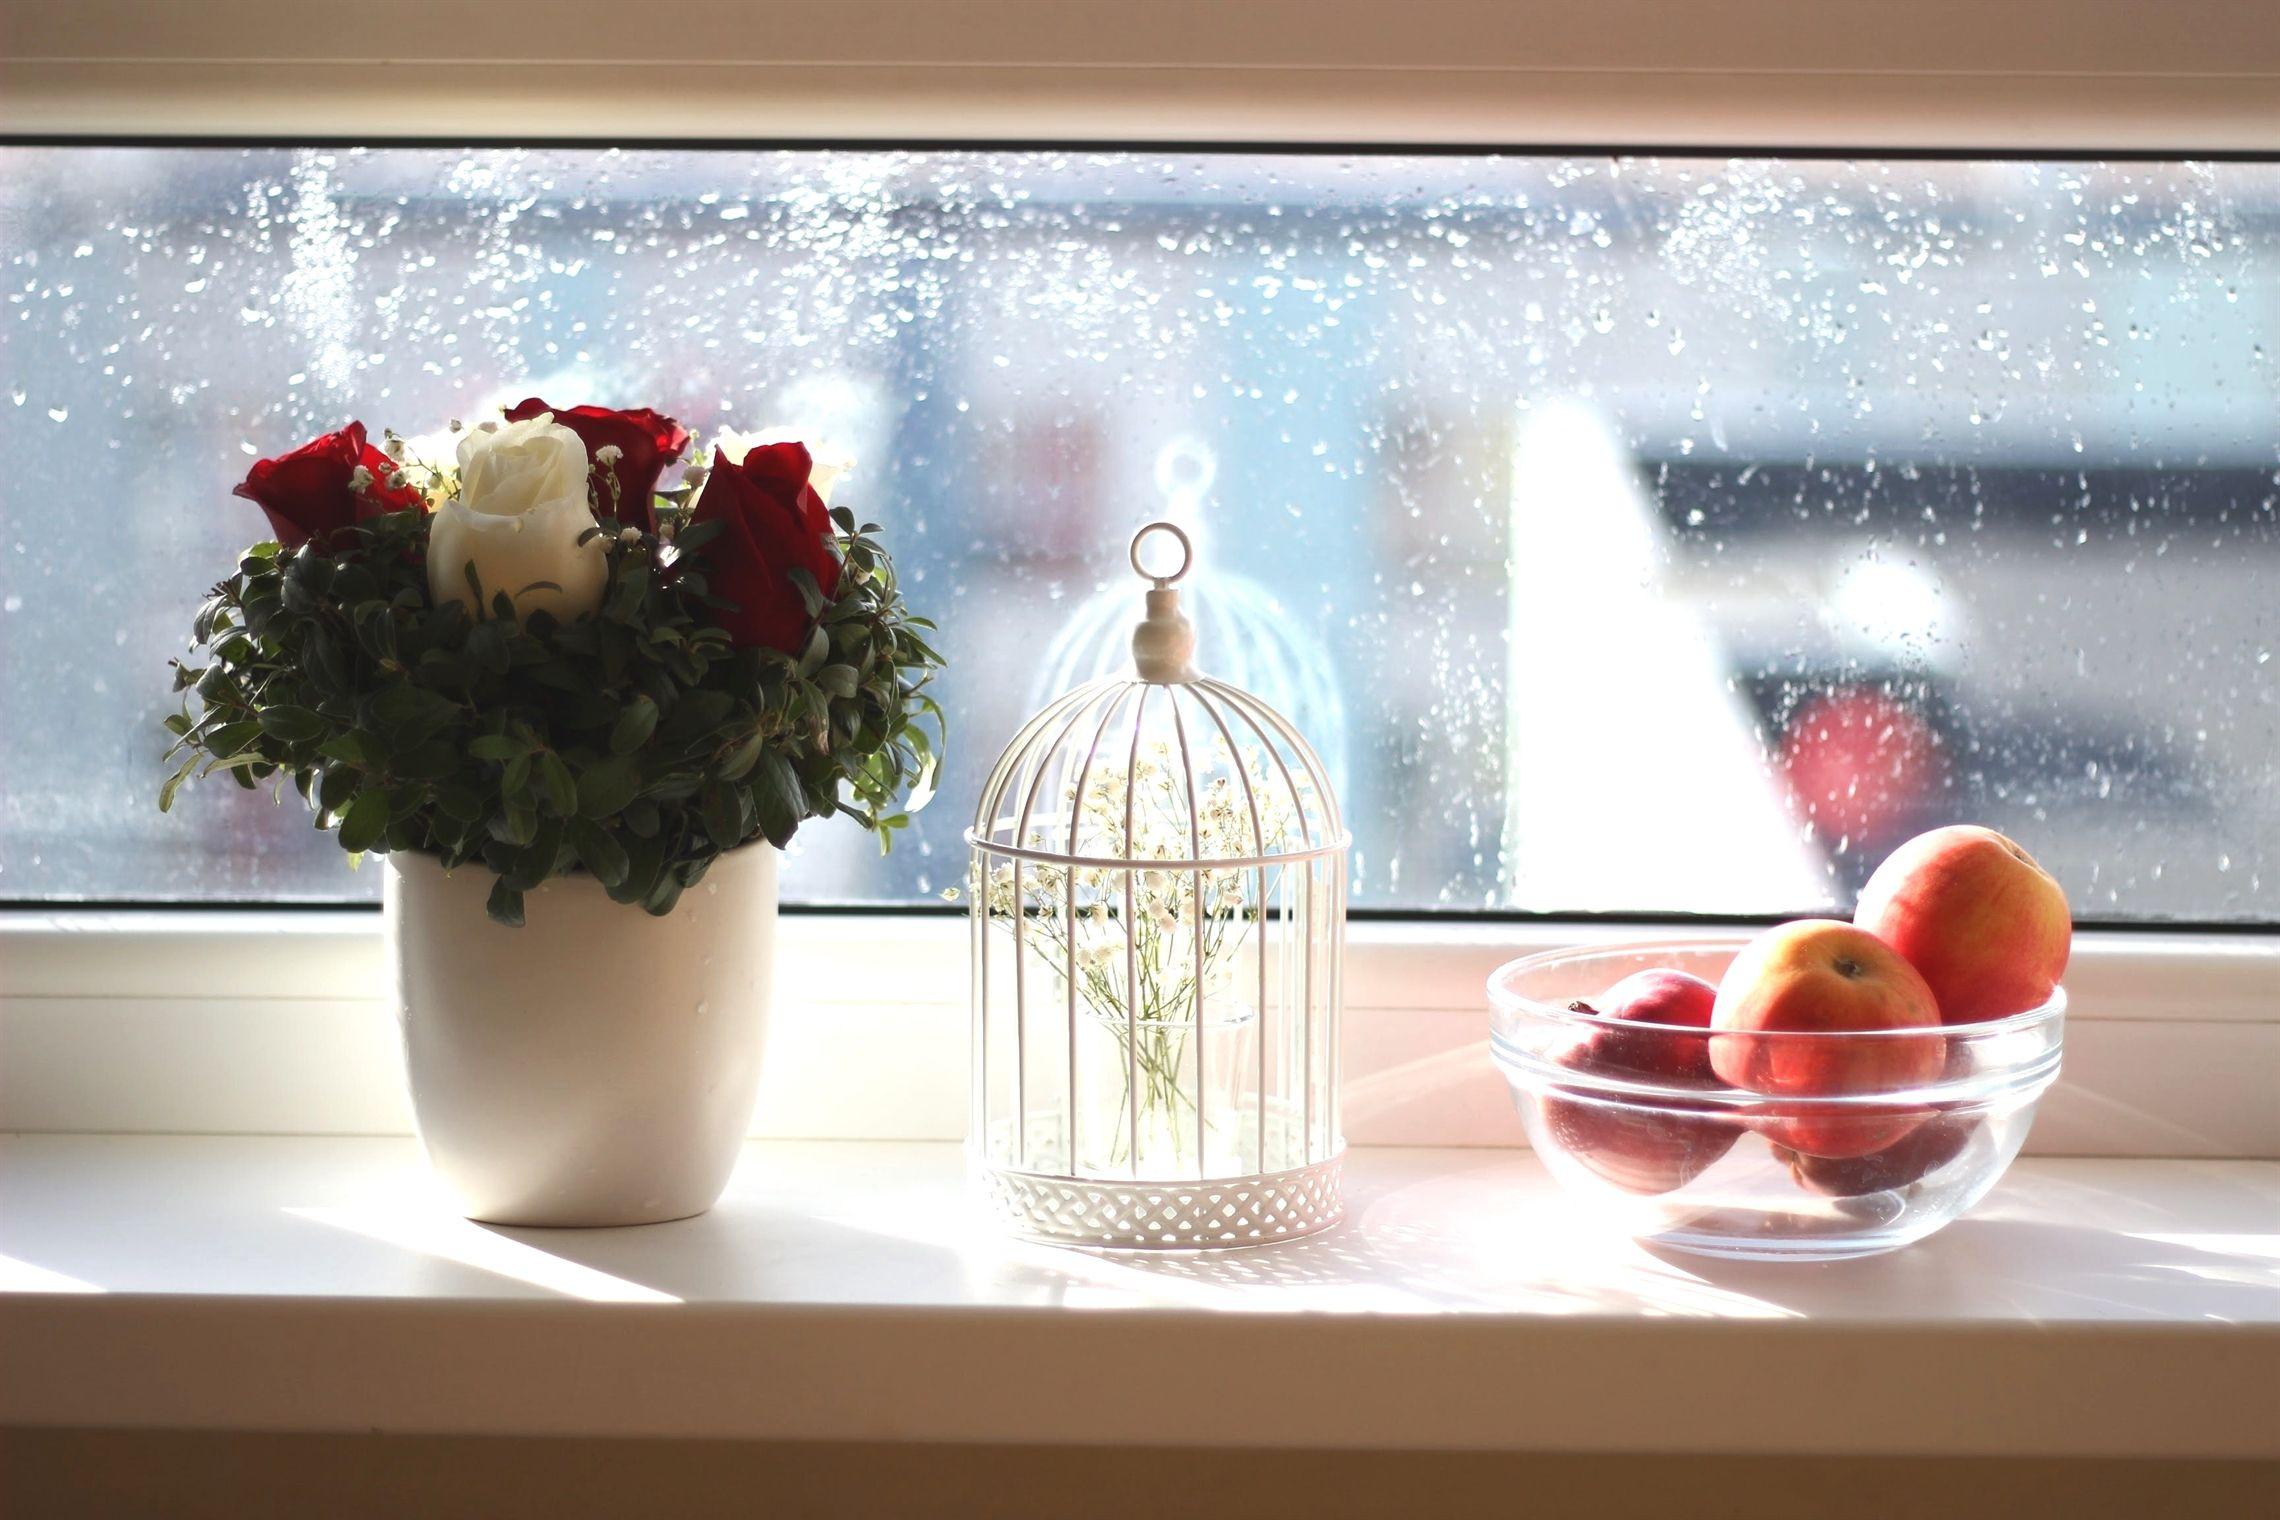 home decor americana 84 62 new york city home decor home delivery link diy home decor kitchen home decor ocean city md